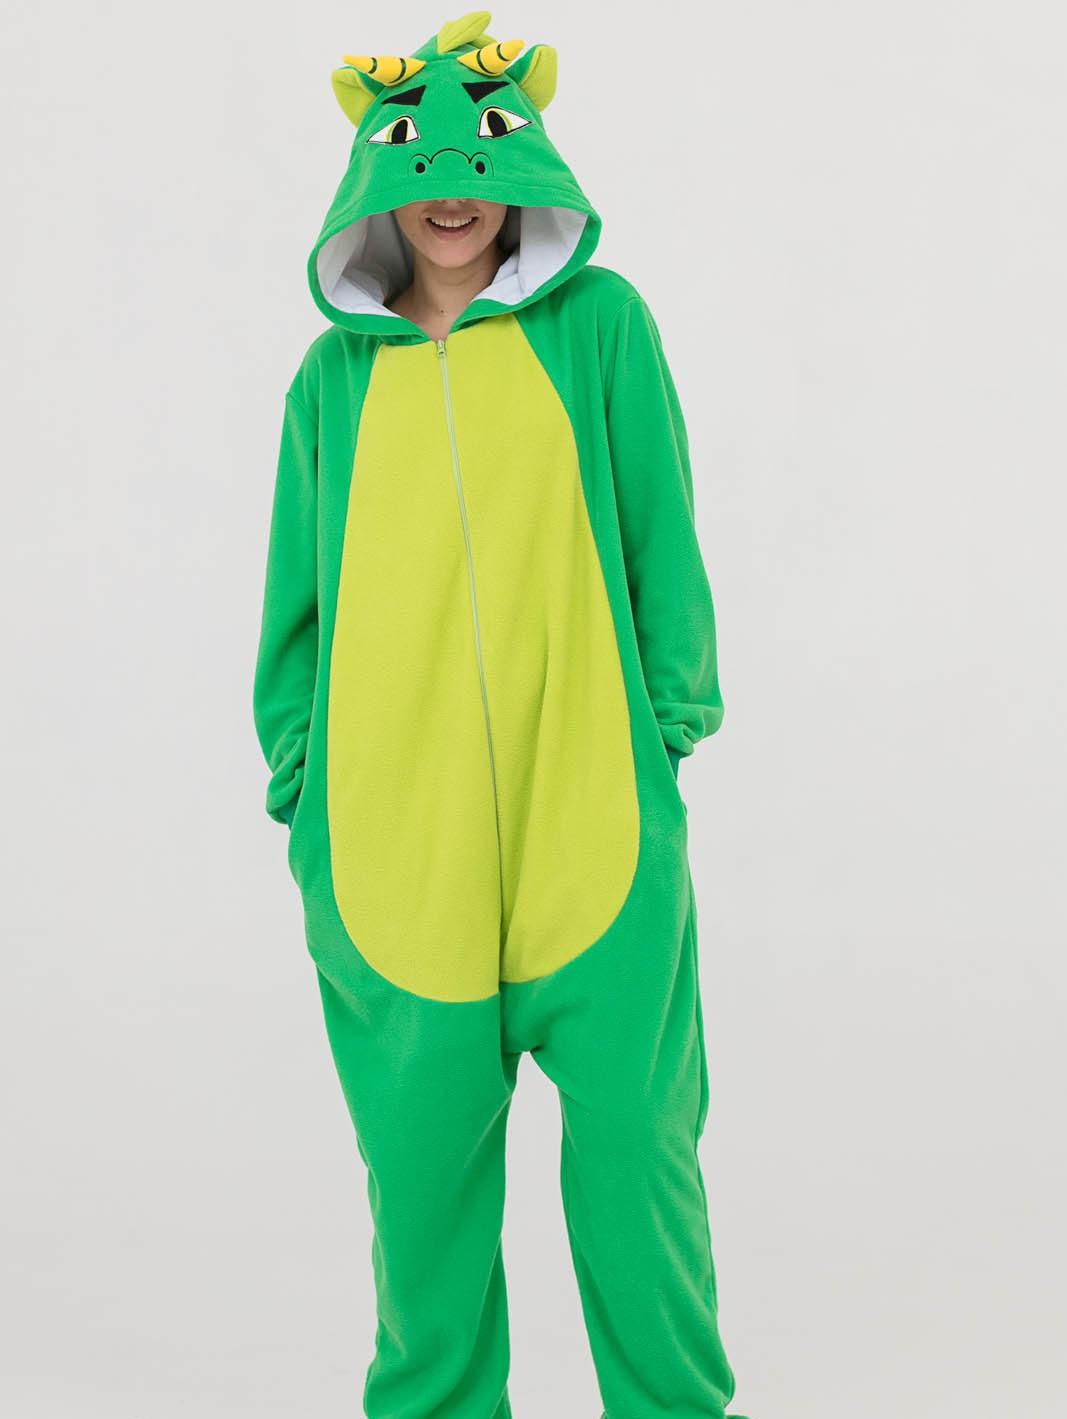 10188e66cf41 Пижамы Кигуруми - купить недорого в интернет-магазине Nosok.ru в  Санкт-Петербурге